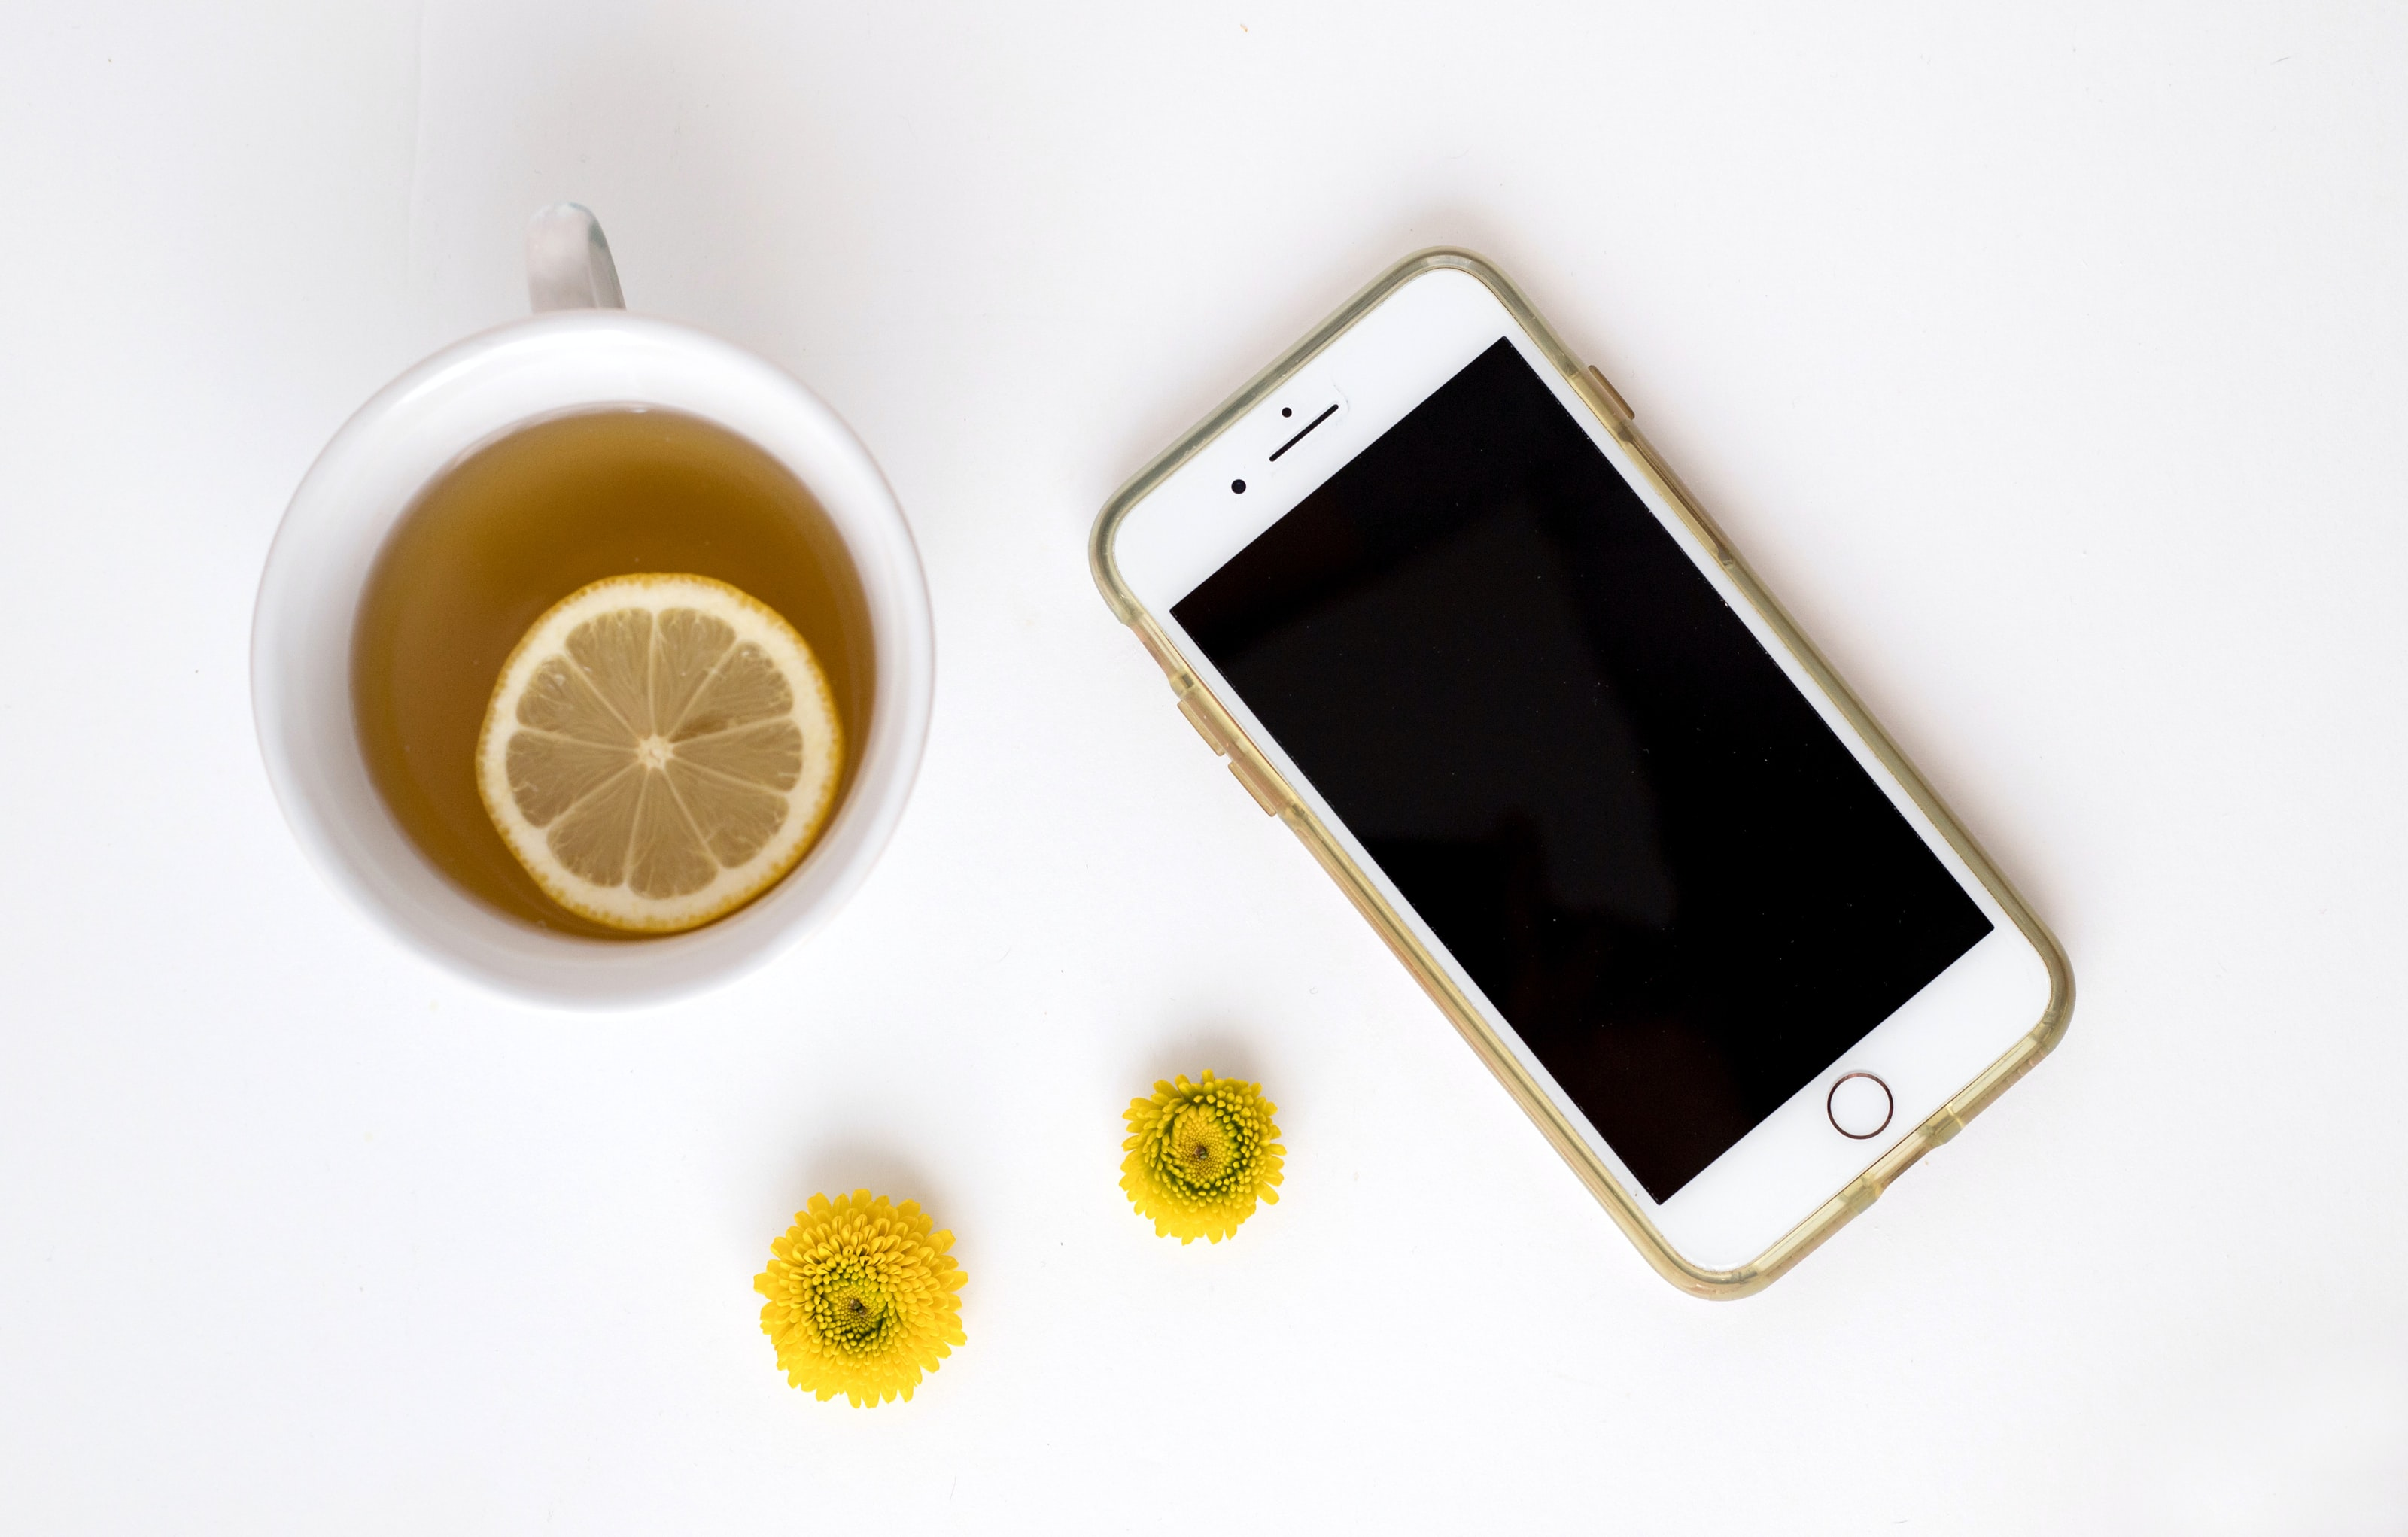 Soğan çayıyla cildiniz gençleşsin